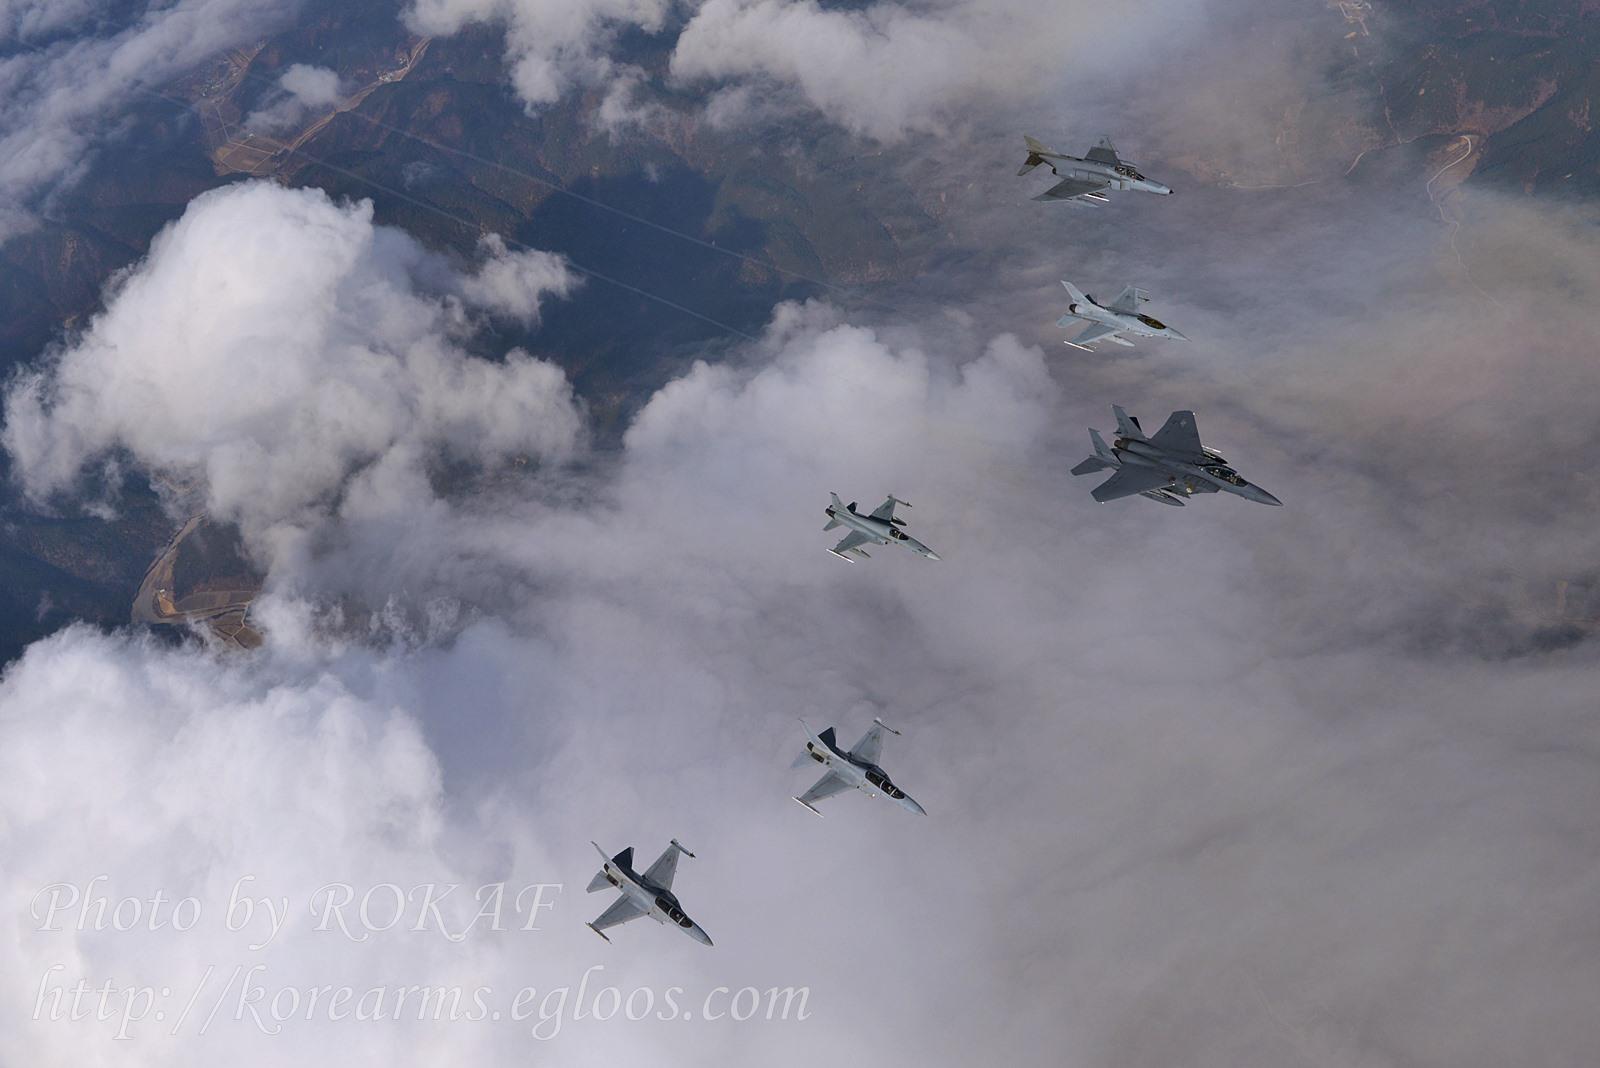 국산 FA-50 첫 참가 전역급 종합전투훈련 Soaring ..